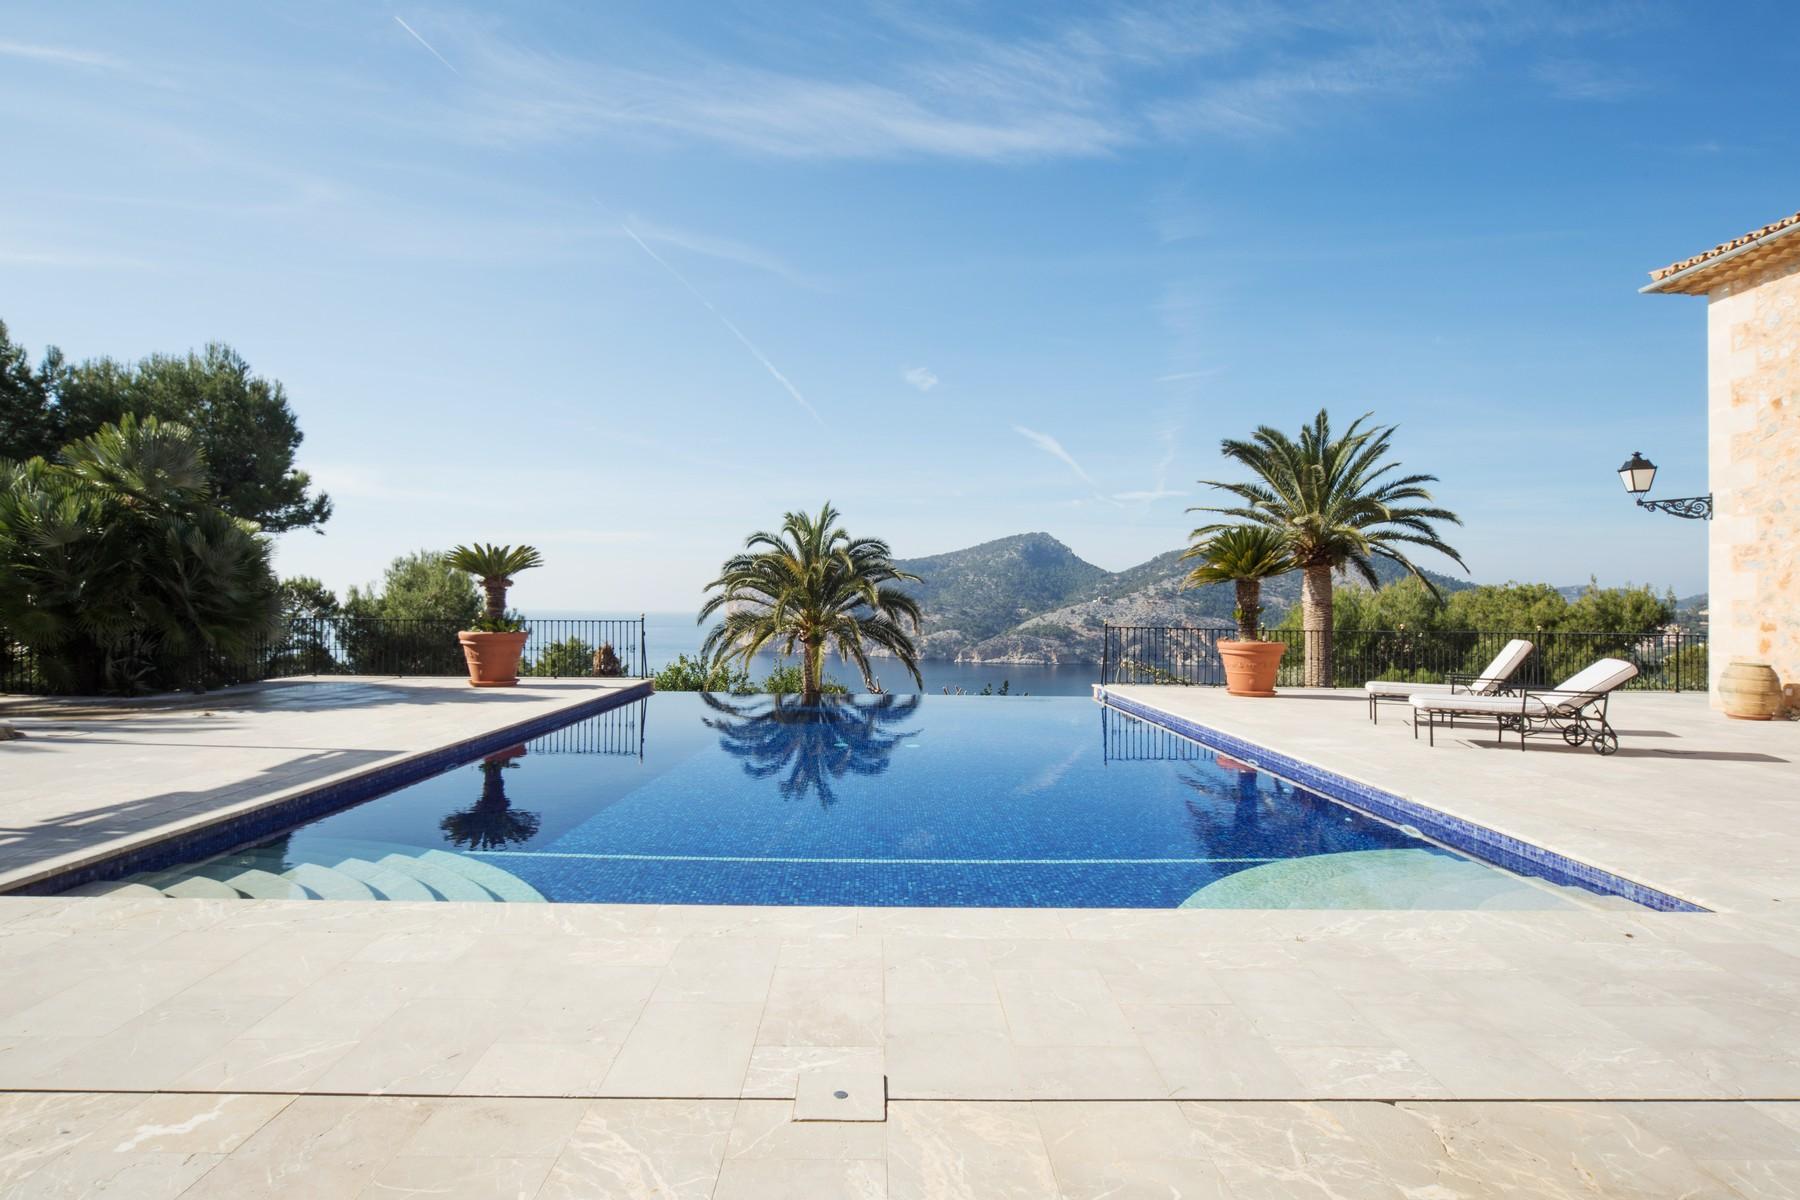 Частный односемейный дом для того Аренда на Stunning seafront property in Camp de Mar Camp De Mar, Майорка, 071690 Испания